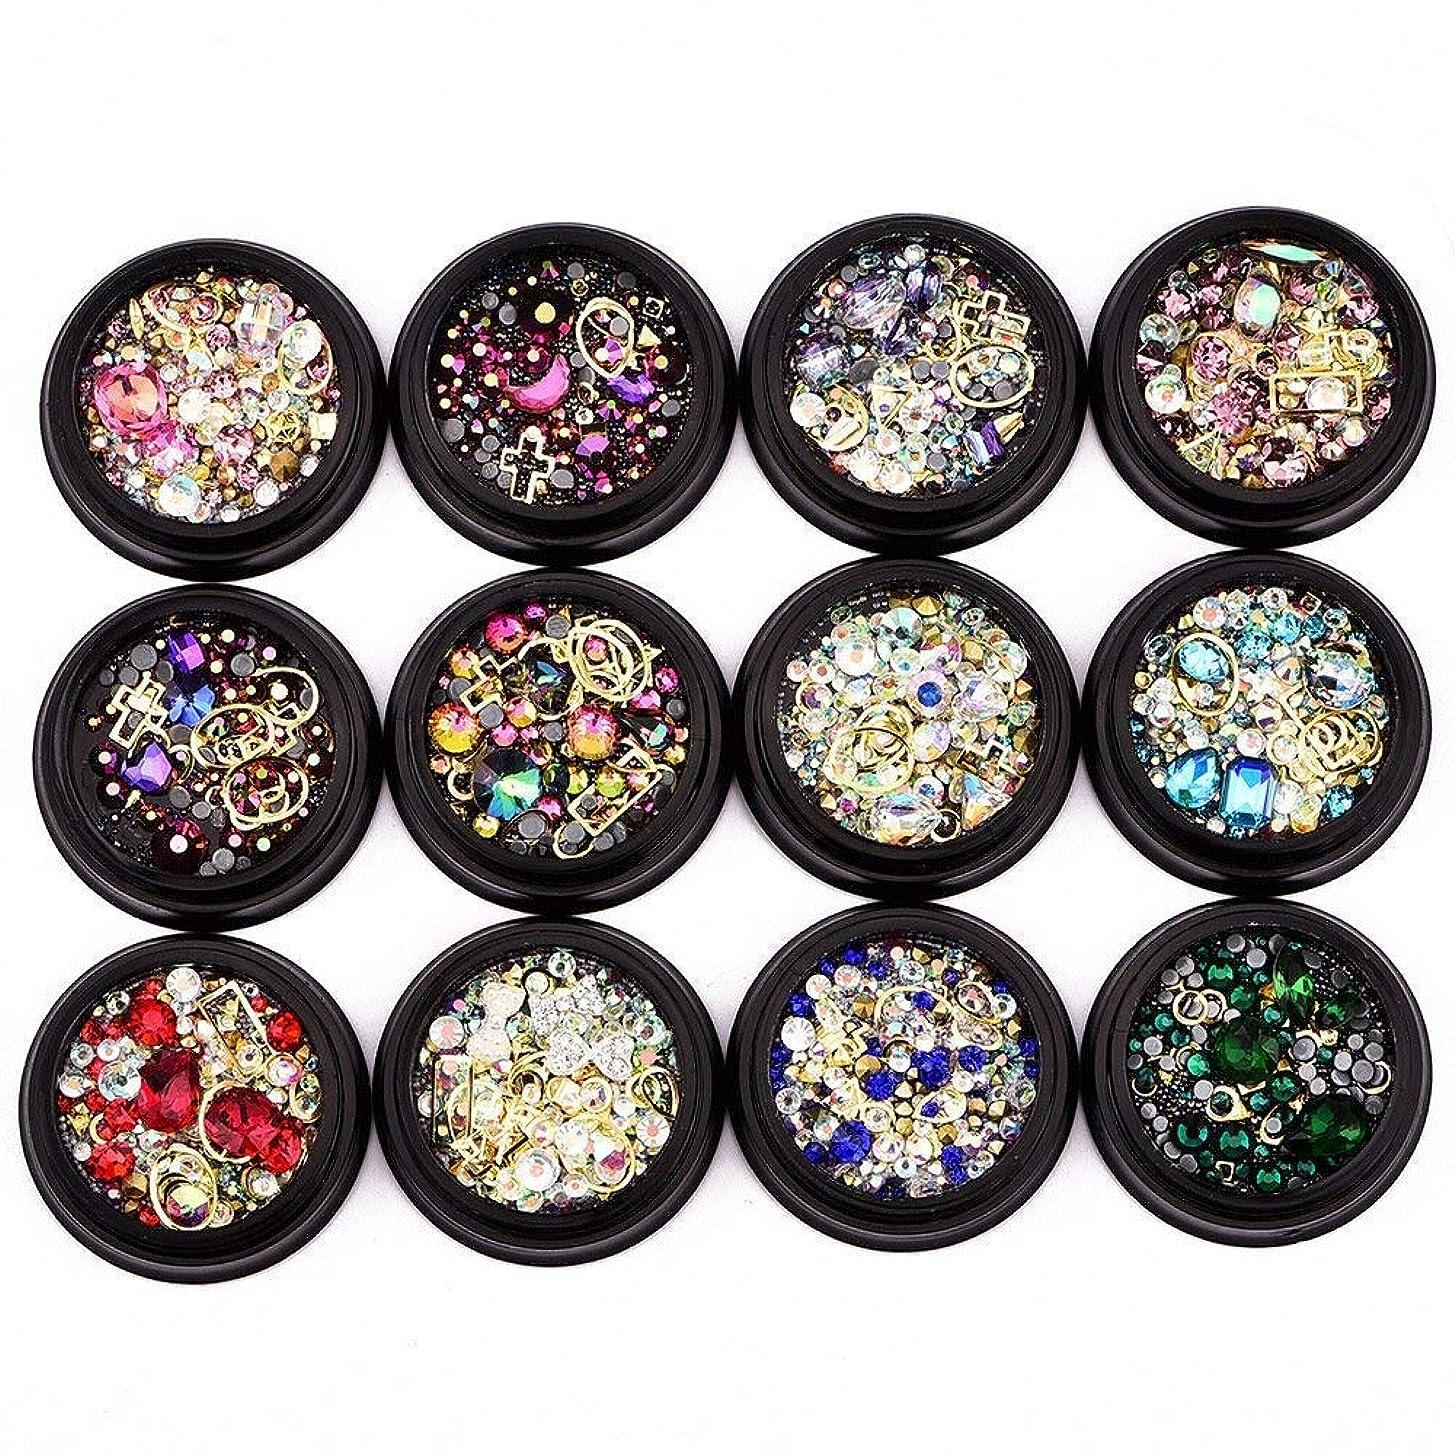 凍った島ガチョウRETYLY 12パック 色混合ネイルアートの装飾アクセサリー 装飾 ラインストーン、ダイヤモンド、クリスタル、金属スタッドビーズ宝石 diyの装飾用